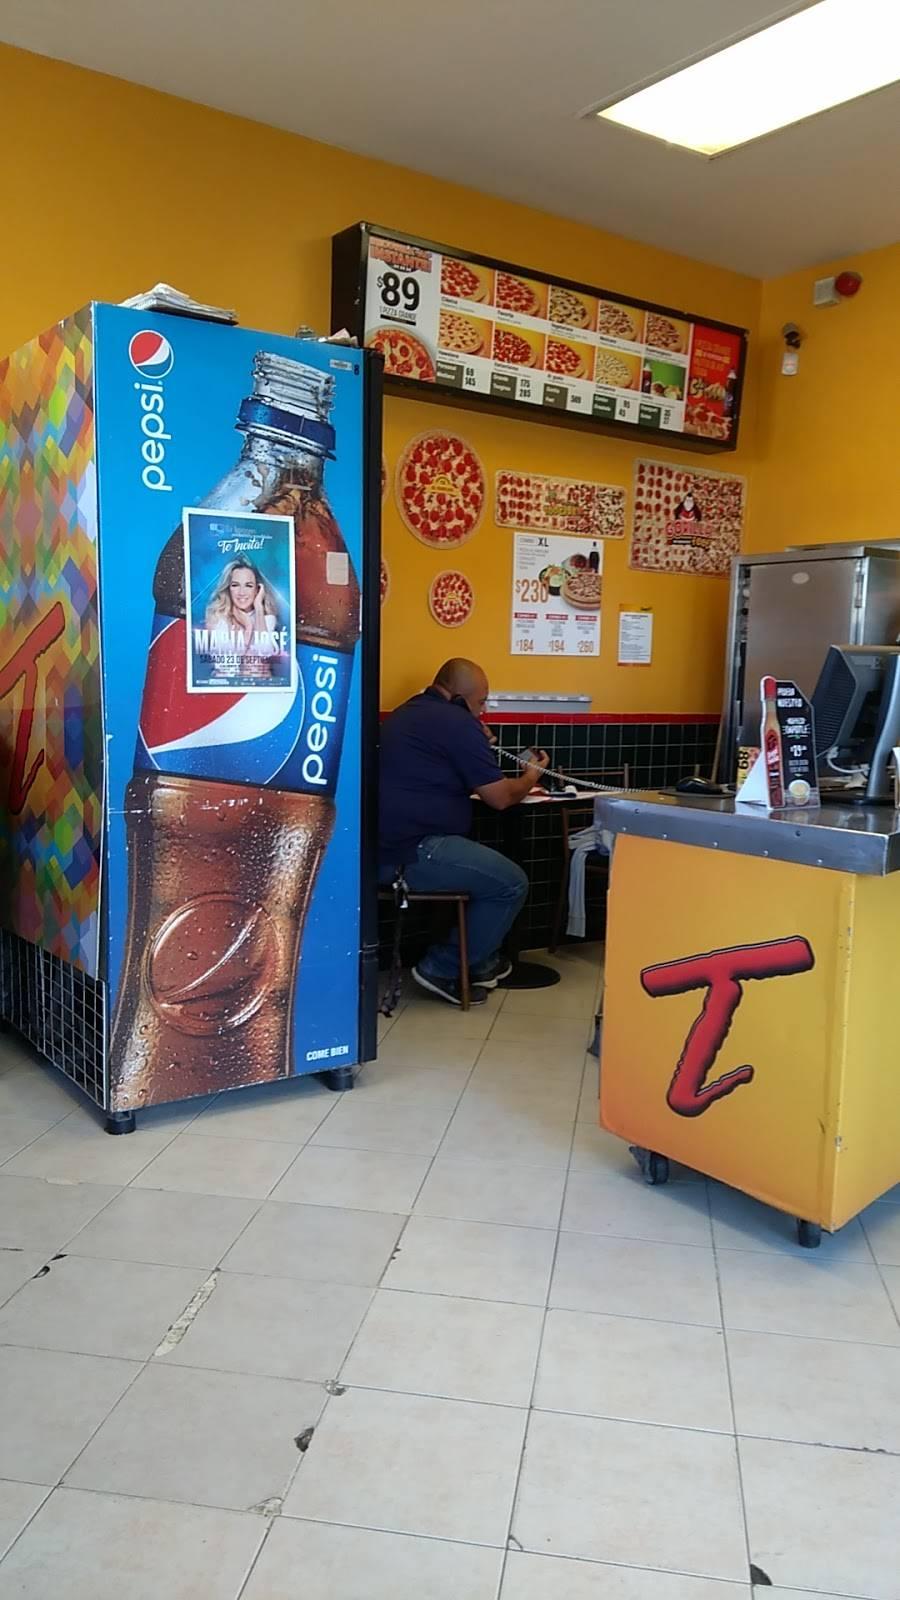 Tooginos Pizza - Villa del Prado - meal delivery  | Photo 3 of 7 | Address: Calle Abeto s/n, Fracc. Urbi Villa 2da. Secc., 22101 Tijuana, B.C., Mexico | Phone: 664 979 8989